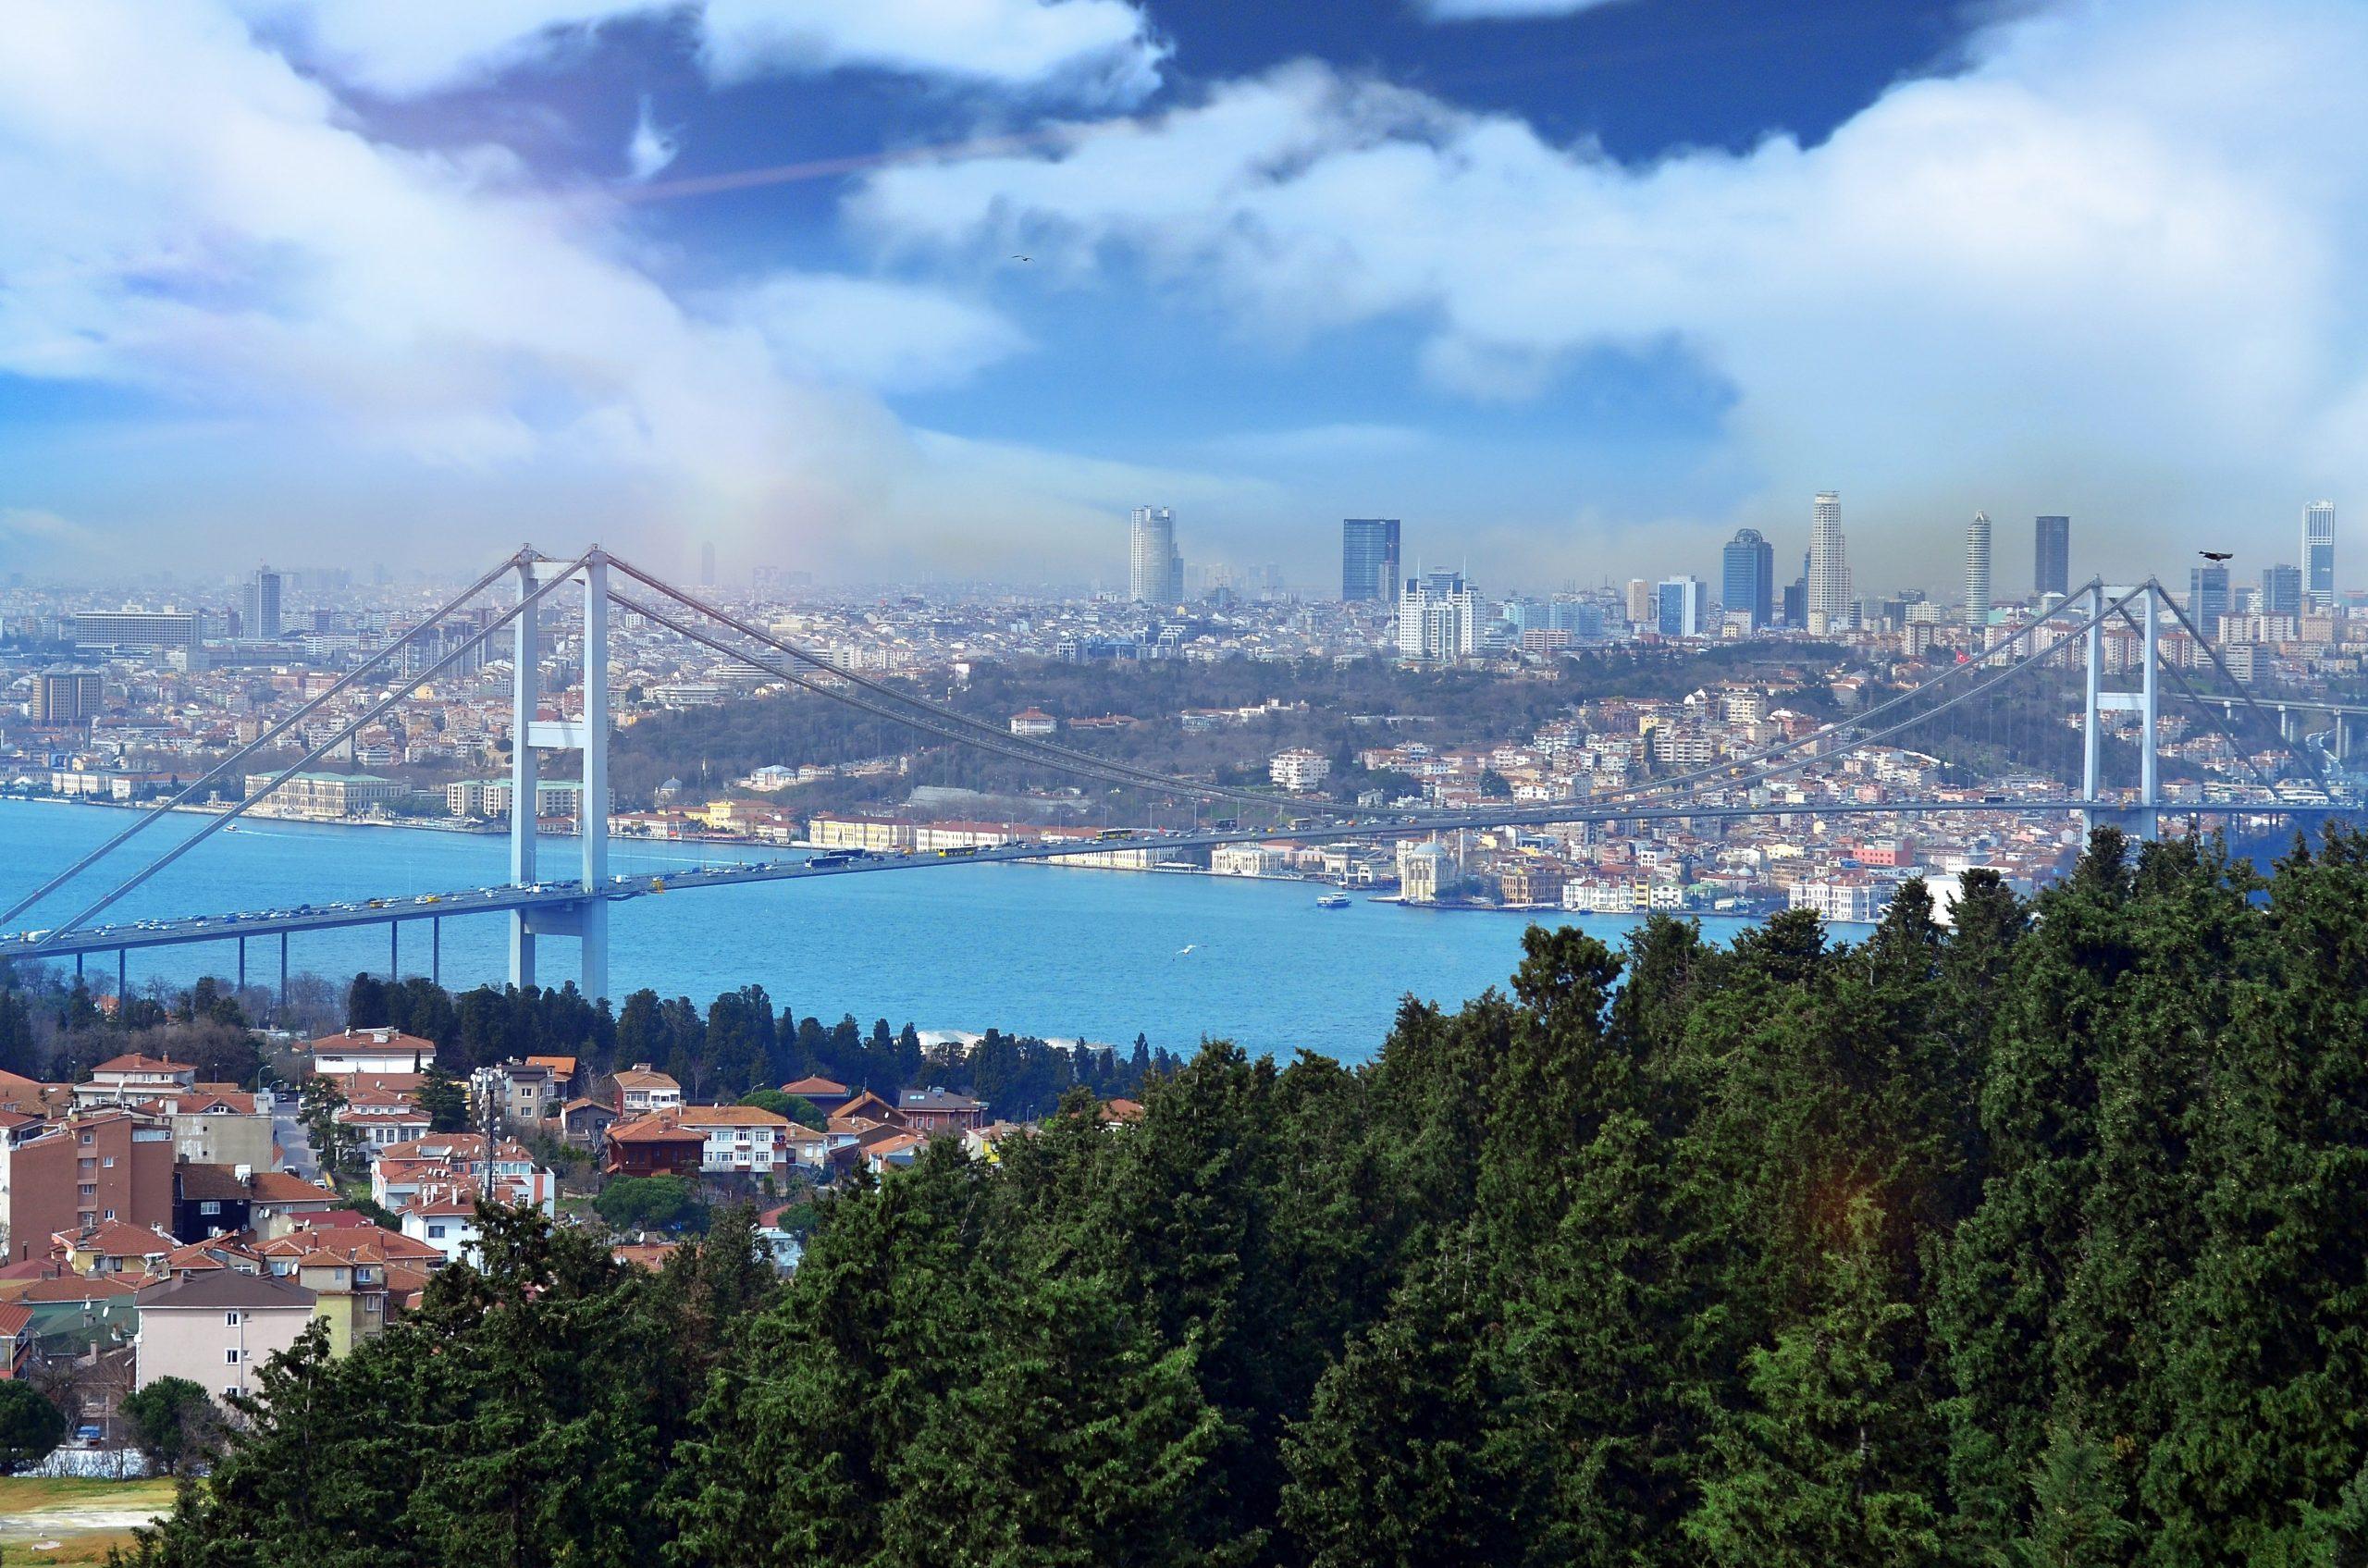 """Зошто Истанбул го нарекуваат """"главен град на светот""""?"""